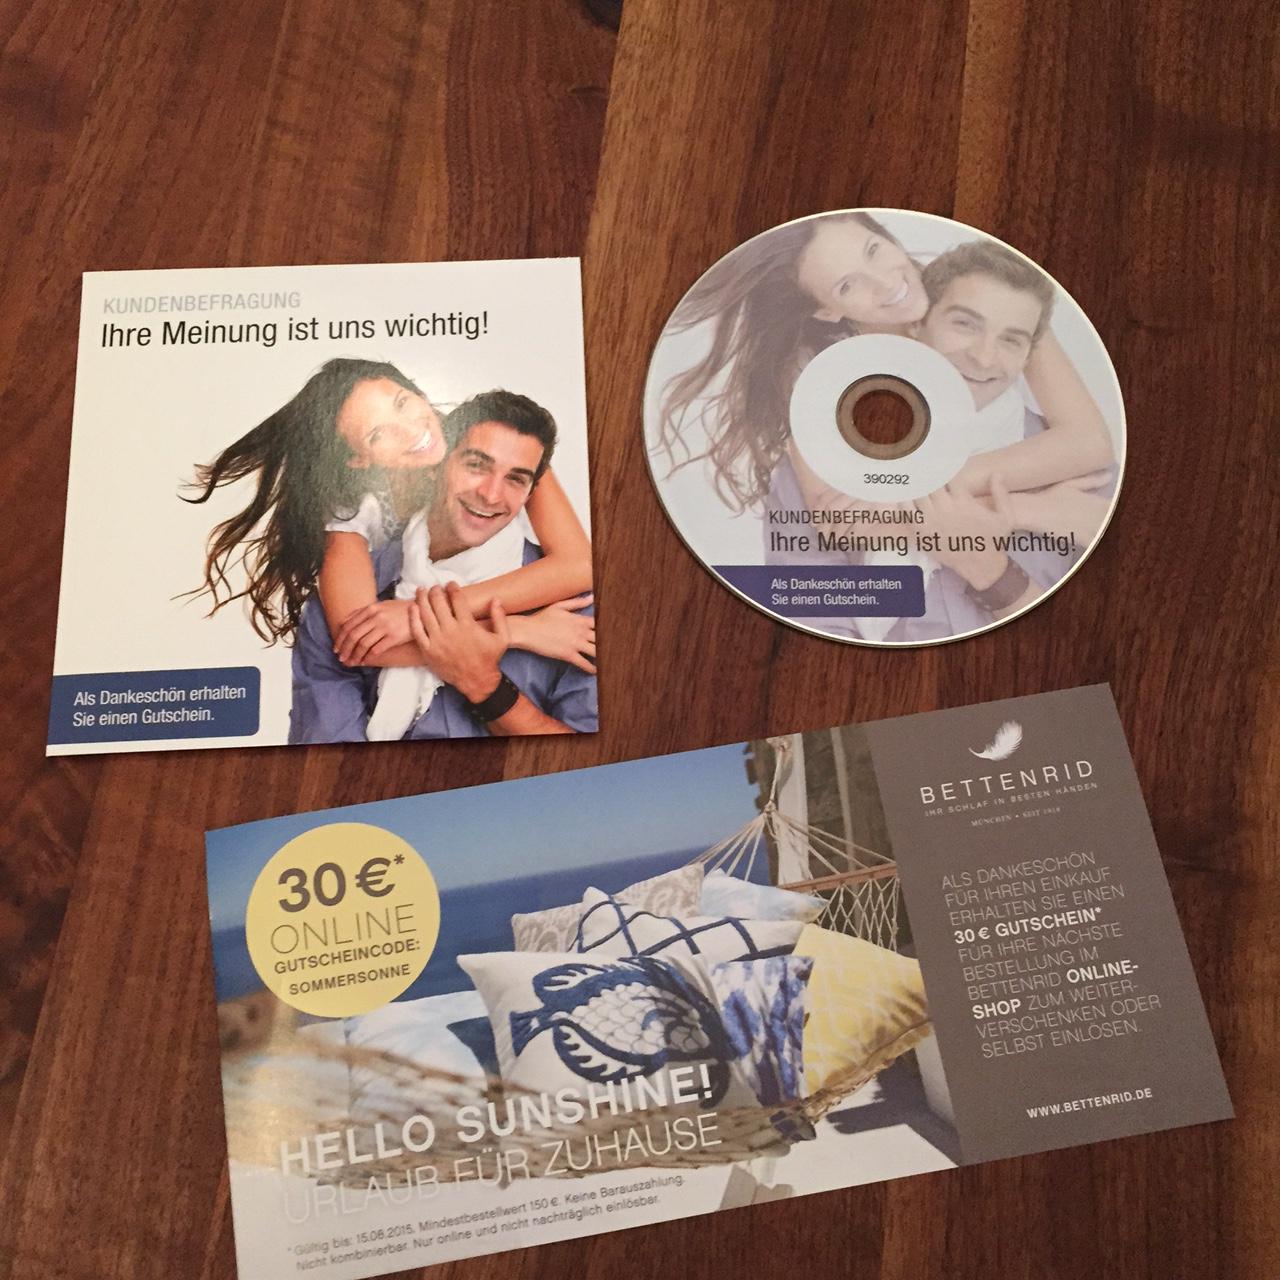 Bettenrid und der CD-Fail